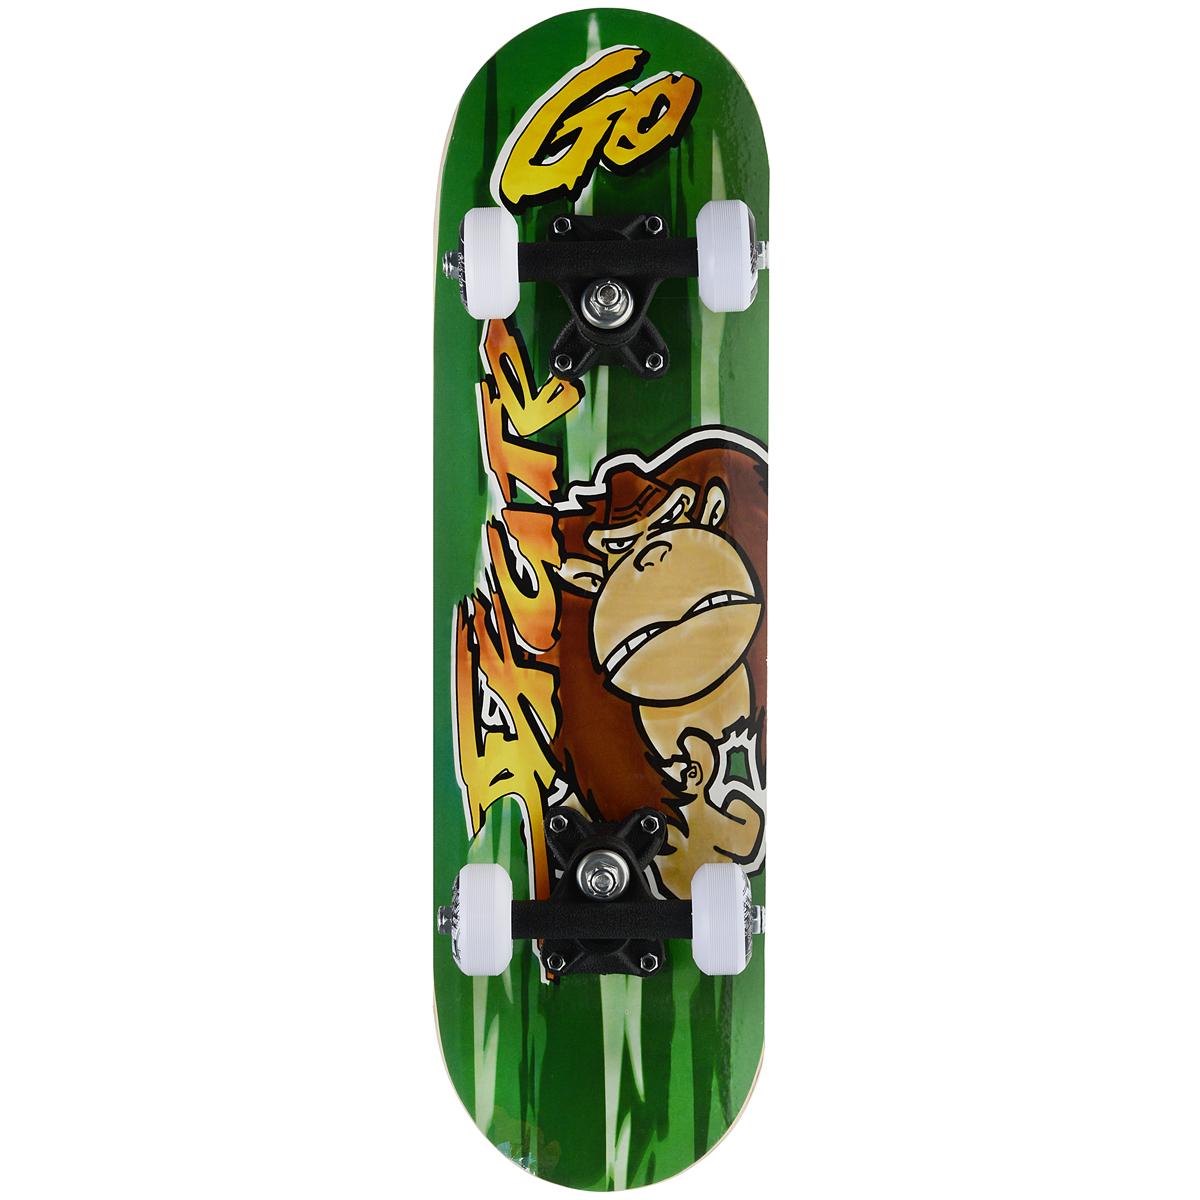 Скейтборд MaxCity Monkey, цветной принт, дека 55 см х 16,5 смWRA523700Cкейтборды MaxCity - это самый подходящий вариант для начинающих скейтбордистов и просто любителей. Качественные материалы изготовления дадут вам полностью ощутить удовольствие от катания, а надежные комплектующие позволят выполнять несложные трюки без риска повредить доску. MaxCity - это качество по приемлемой цене.Нижняя часть деки украшена оригинальным рисунком.